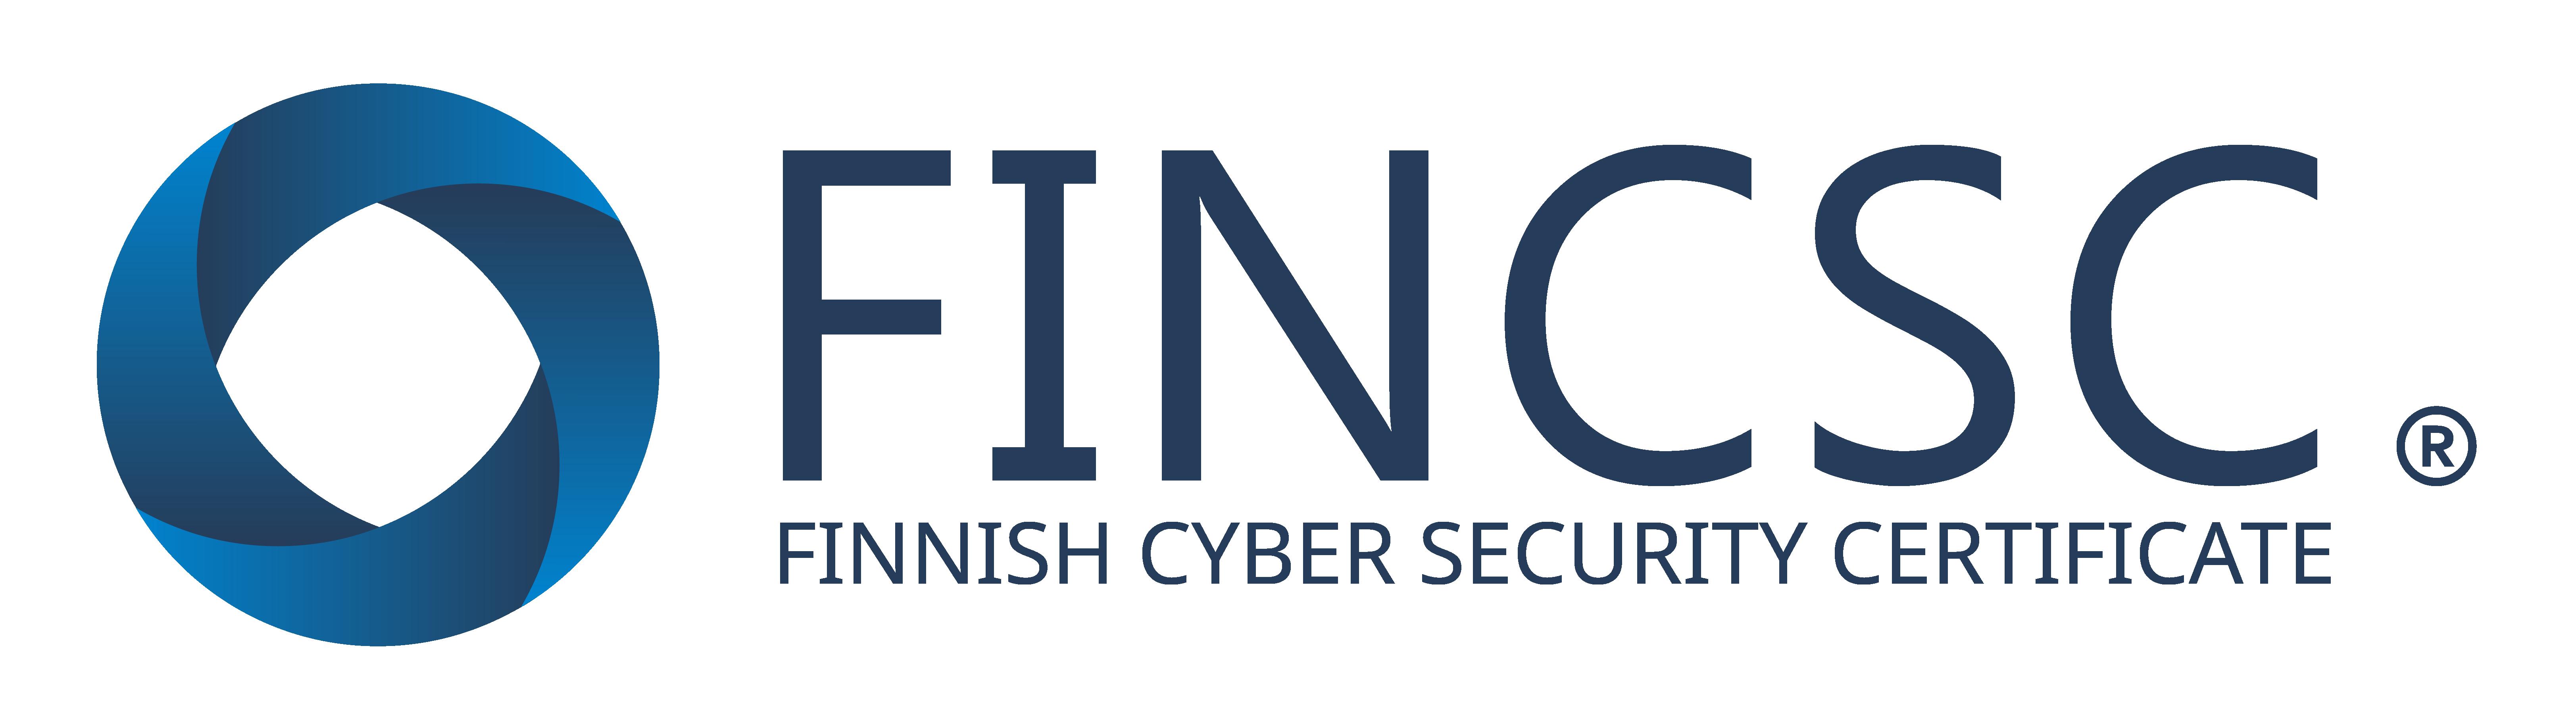 FINCSC - Finnish Cyber Security Certificate